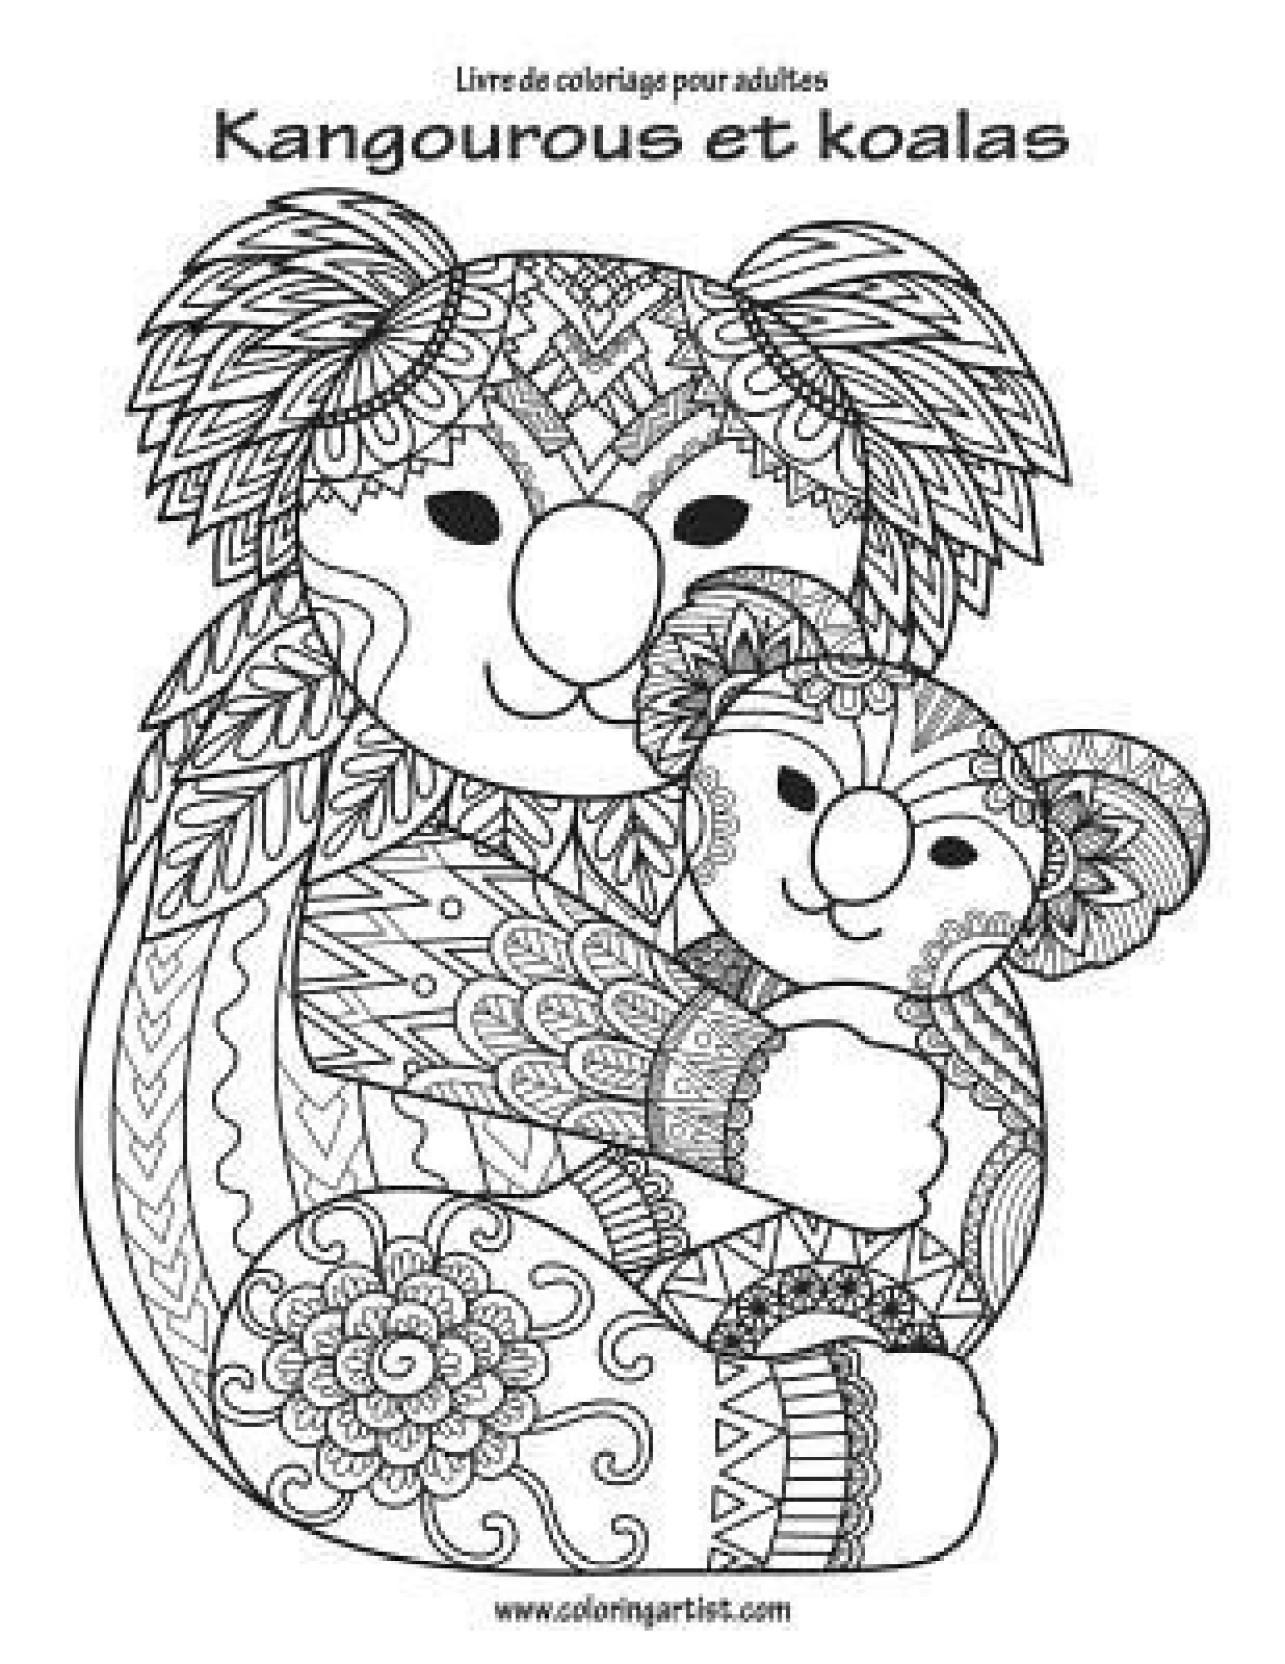 Livre De Coloriage Pour Adultes Kangourous Et Koalas 1 Buy Livre